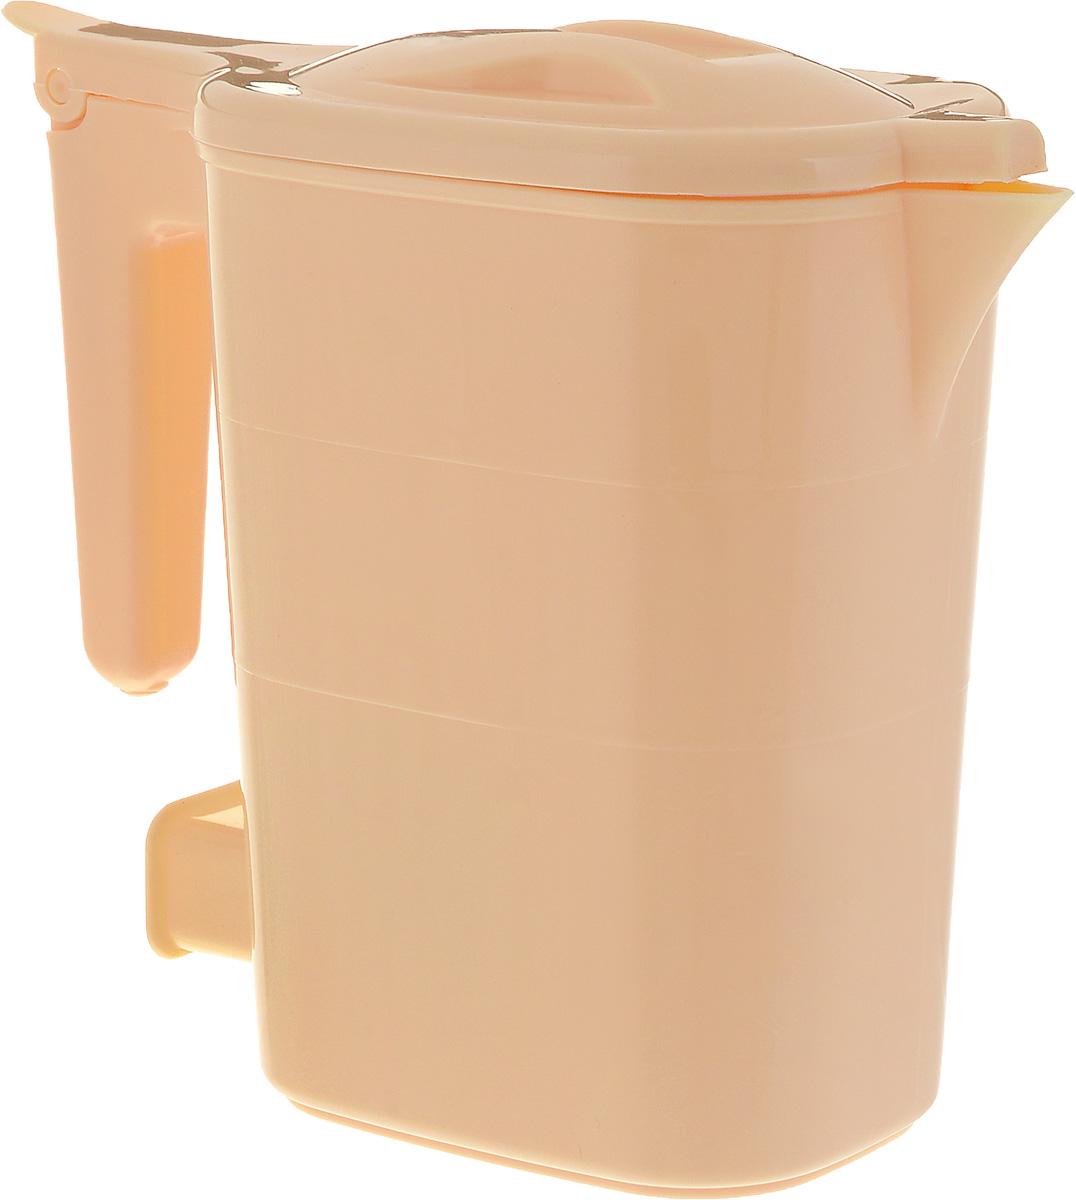 Мастерица ЭЧ 0,5/0,5-220 чайник электрический, цвет бежевыйМастерица ЭЧ 0,5/0,5-220Электрический чайник Мастерица ЭЧ 0,5/0,5-220 изготовлен из пищевого пластика и не опасен для здоровья. Выполнено устройство в оригинальном бежевом цвете, который сразу же привлечет внимание к себе. Нагревательный элемент - ТЭН, спираль из нержавеющей стали. Если вам нужно небольшое количество горячей воды, то этот чайник именно то, что вам нужно.